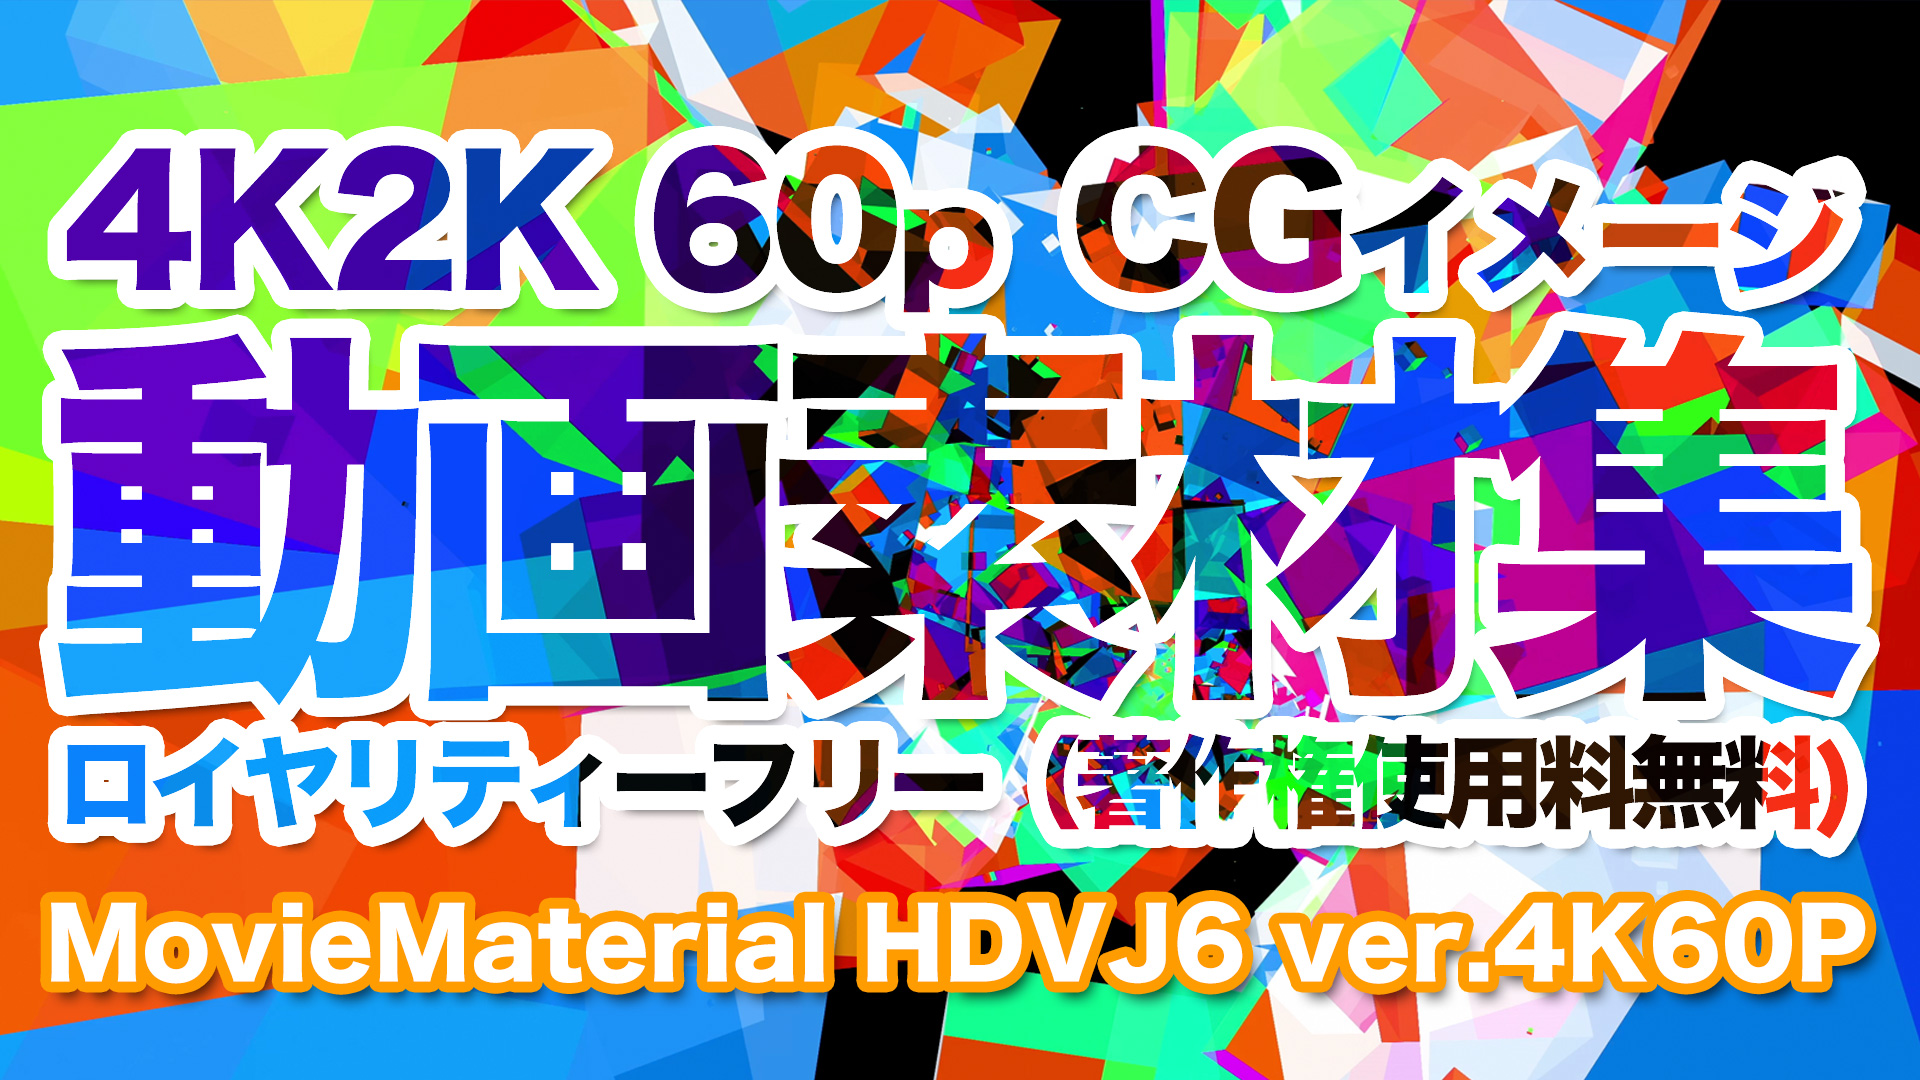 4k60p高解像度(3840×2160)ループ動画素材集第2段